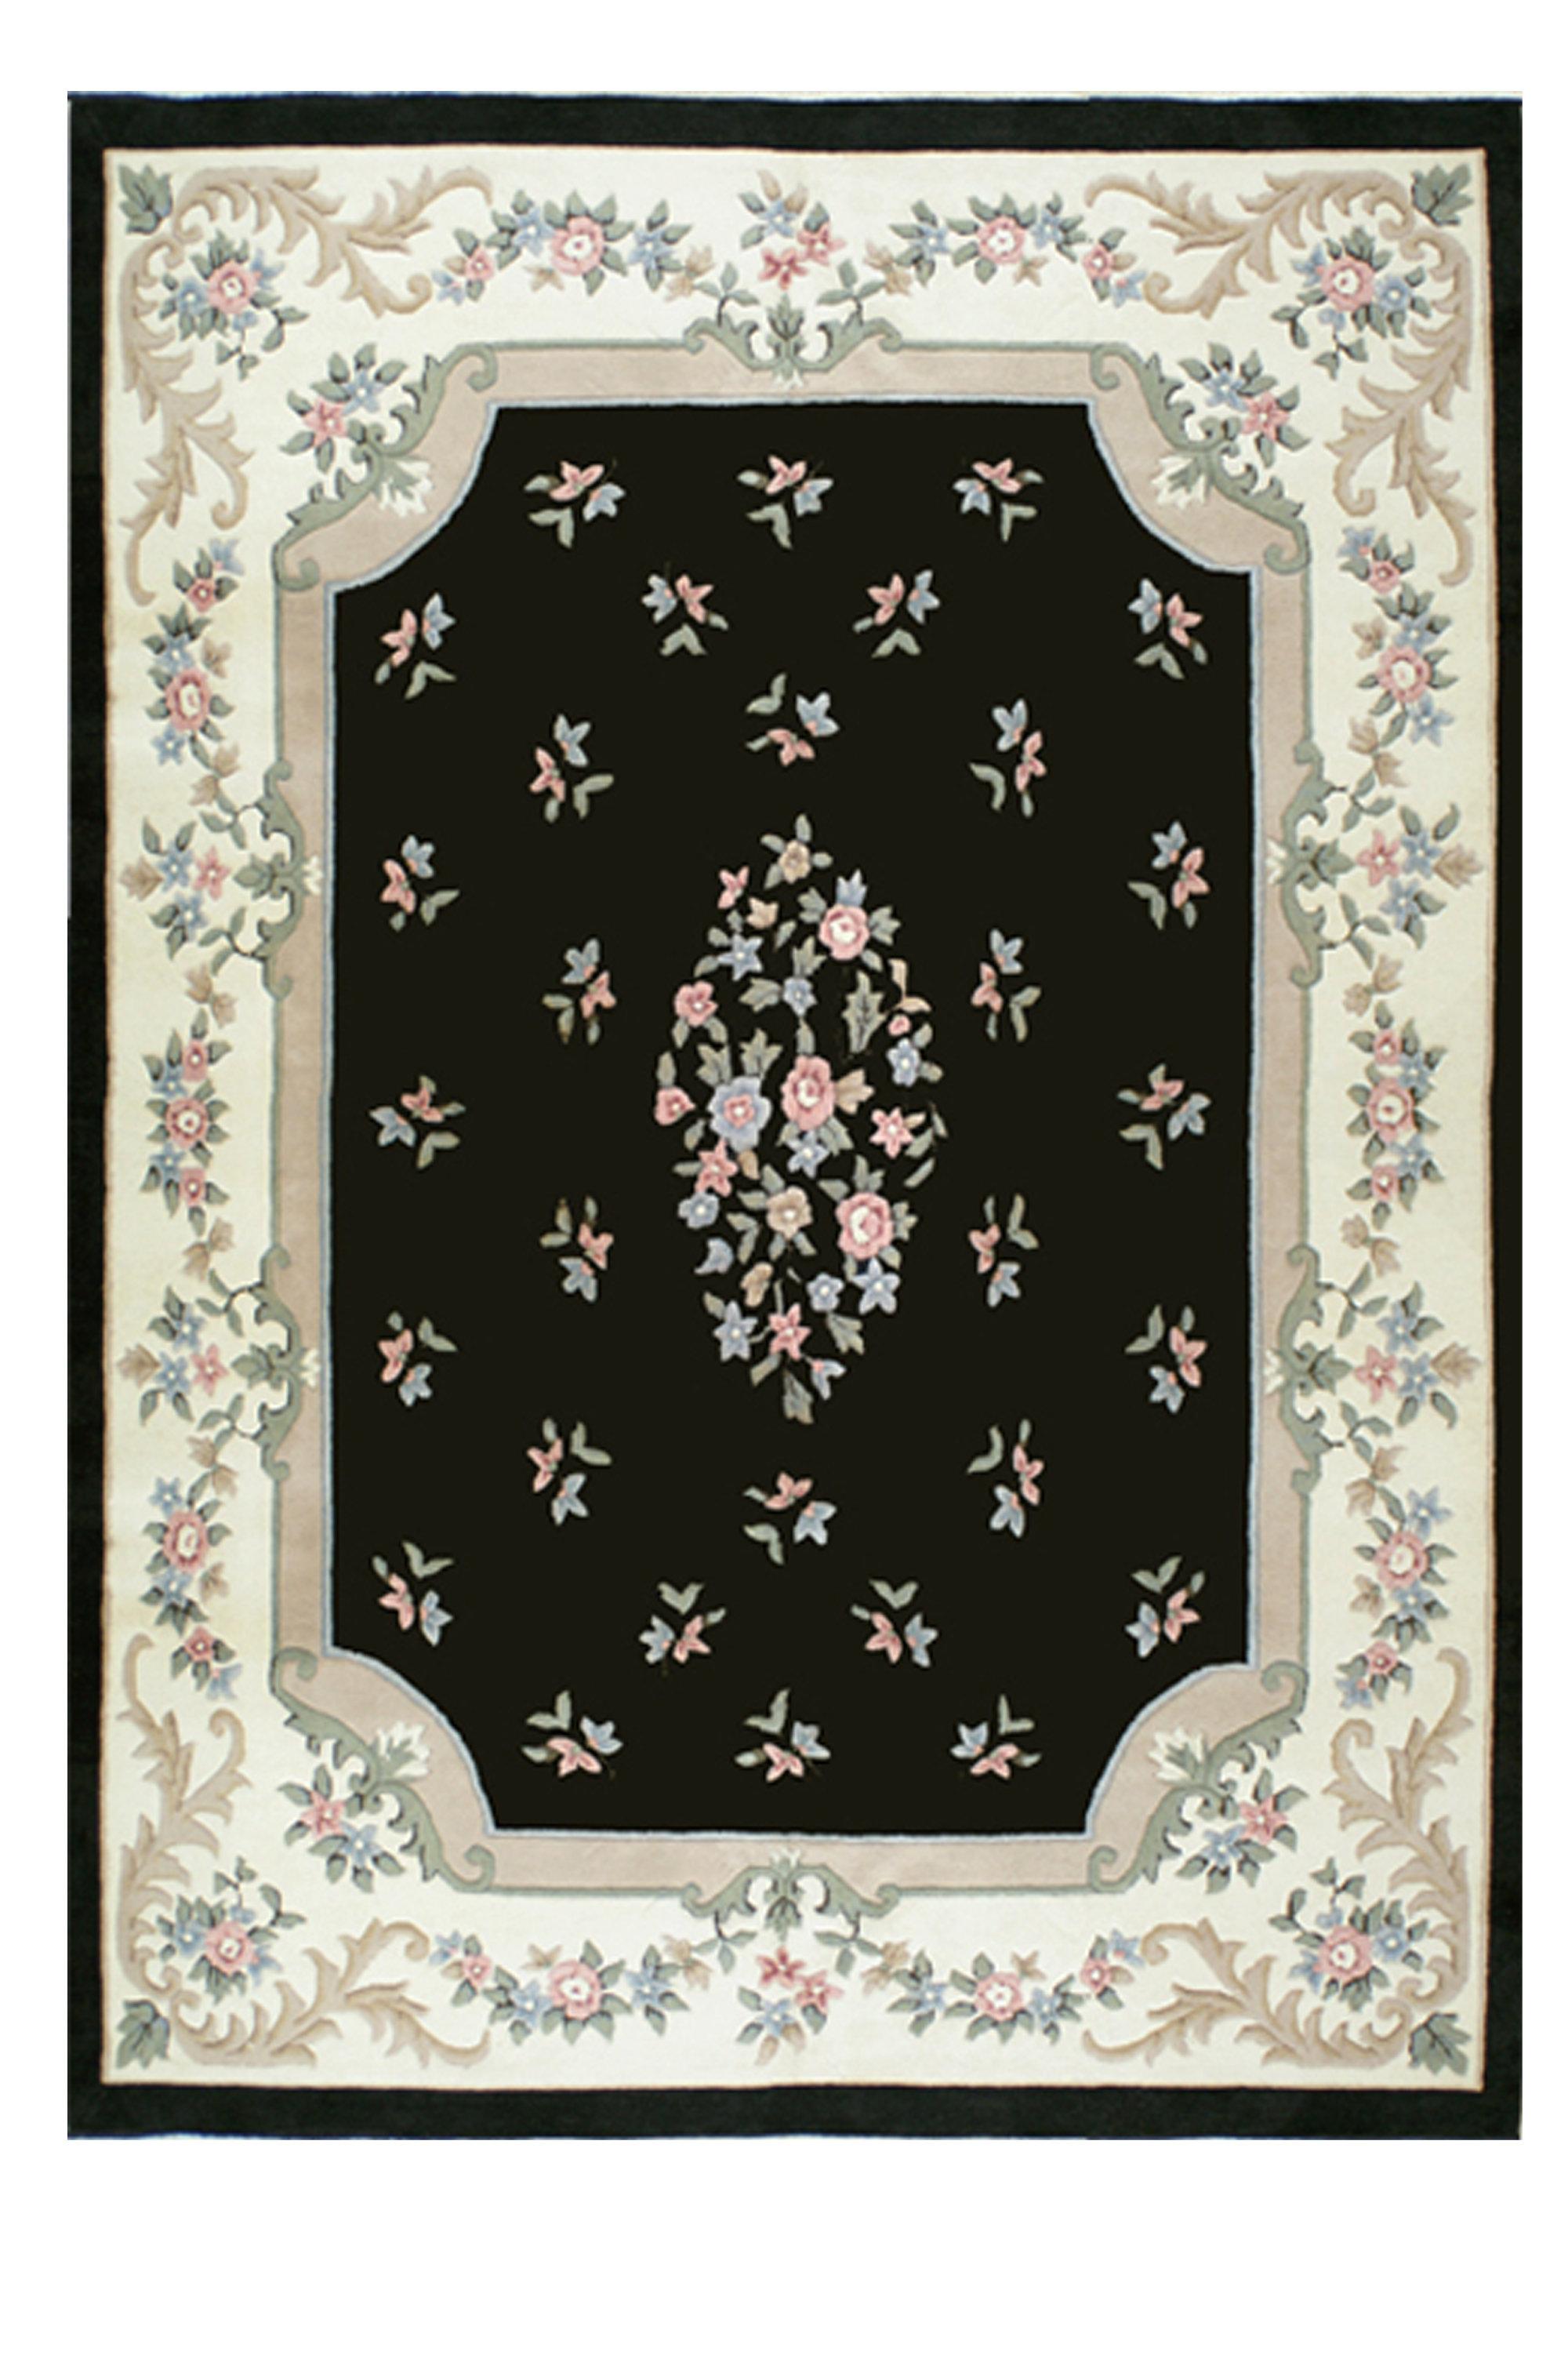 American Home Rug Co Oriental Handmade Tufted Wool Black Ivory Rose Area Rug Wayfair